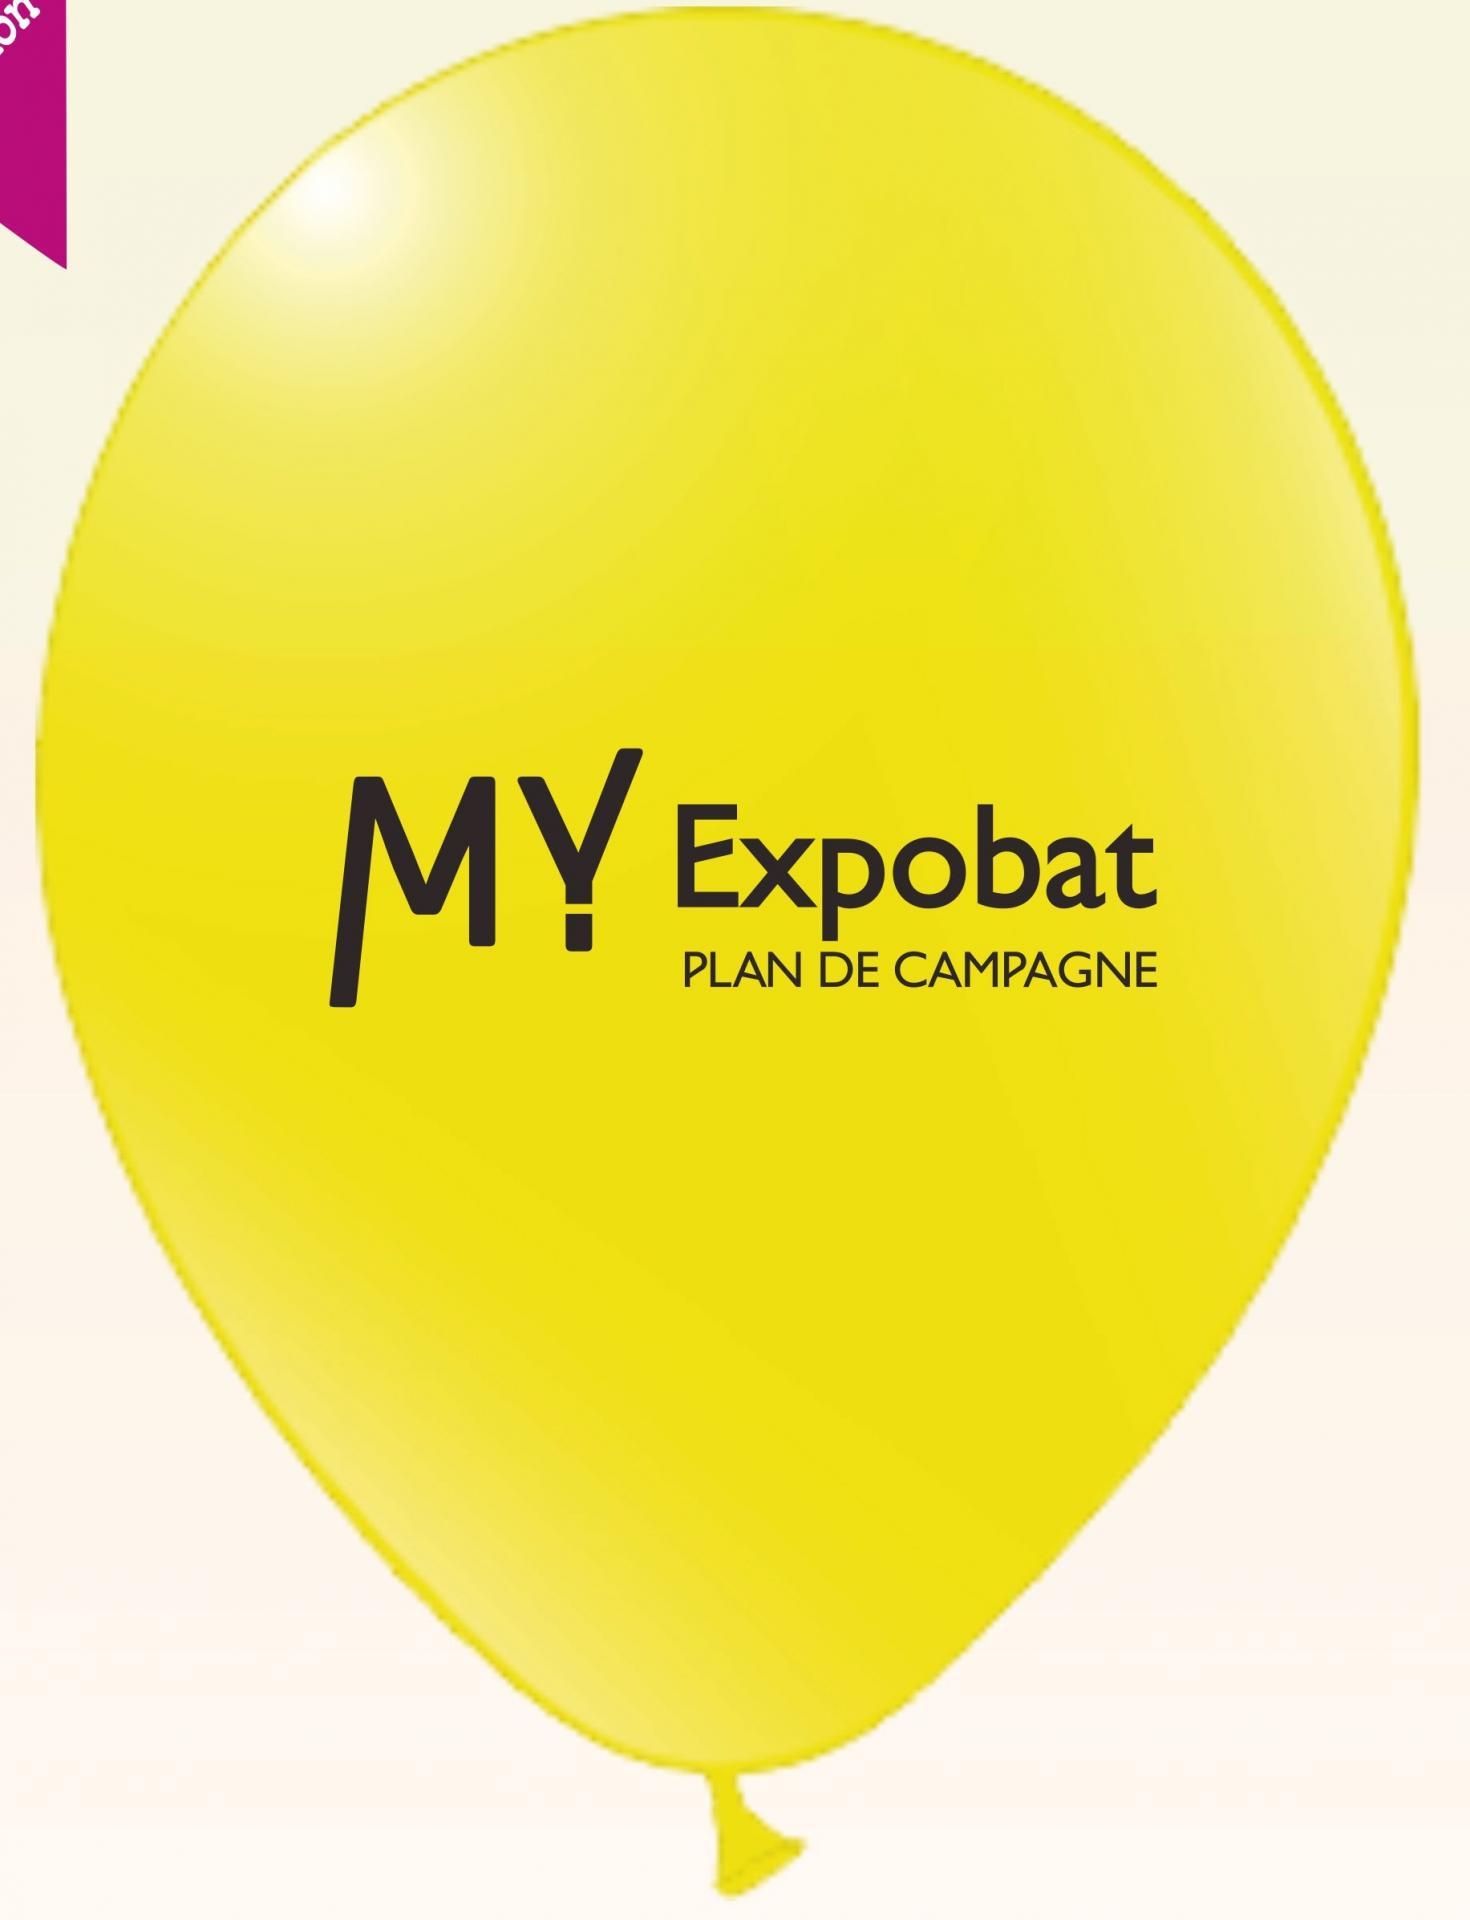 Ballon publicitaire pour évènement